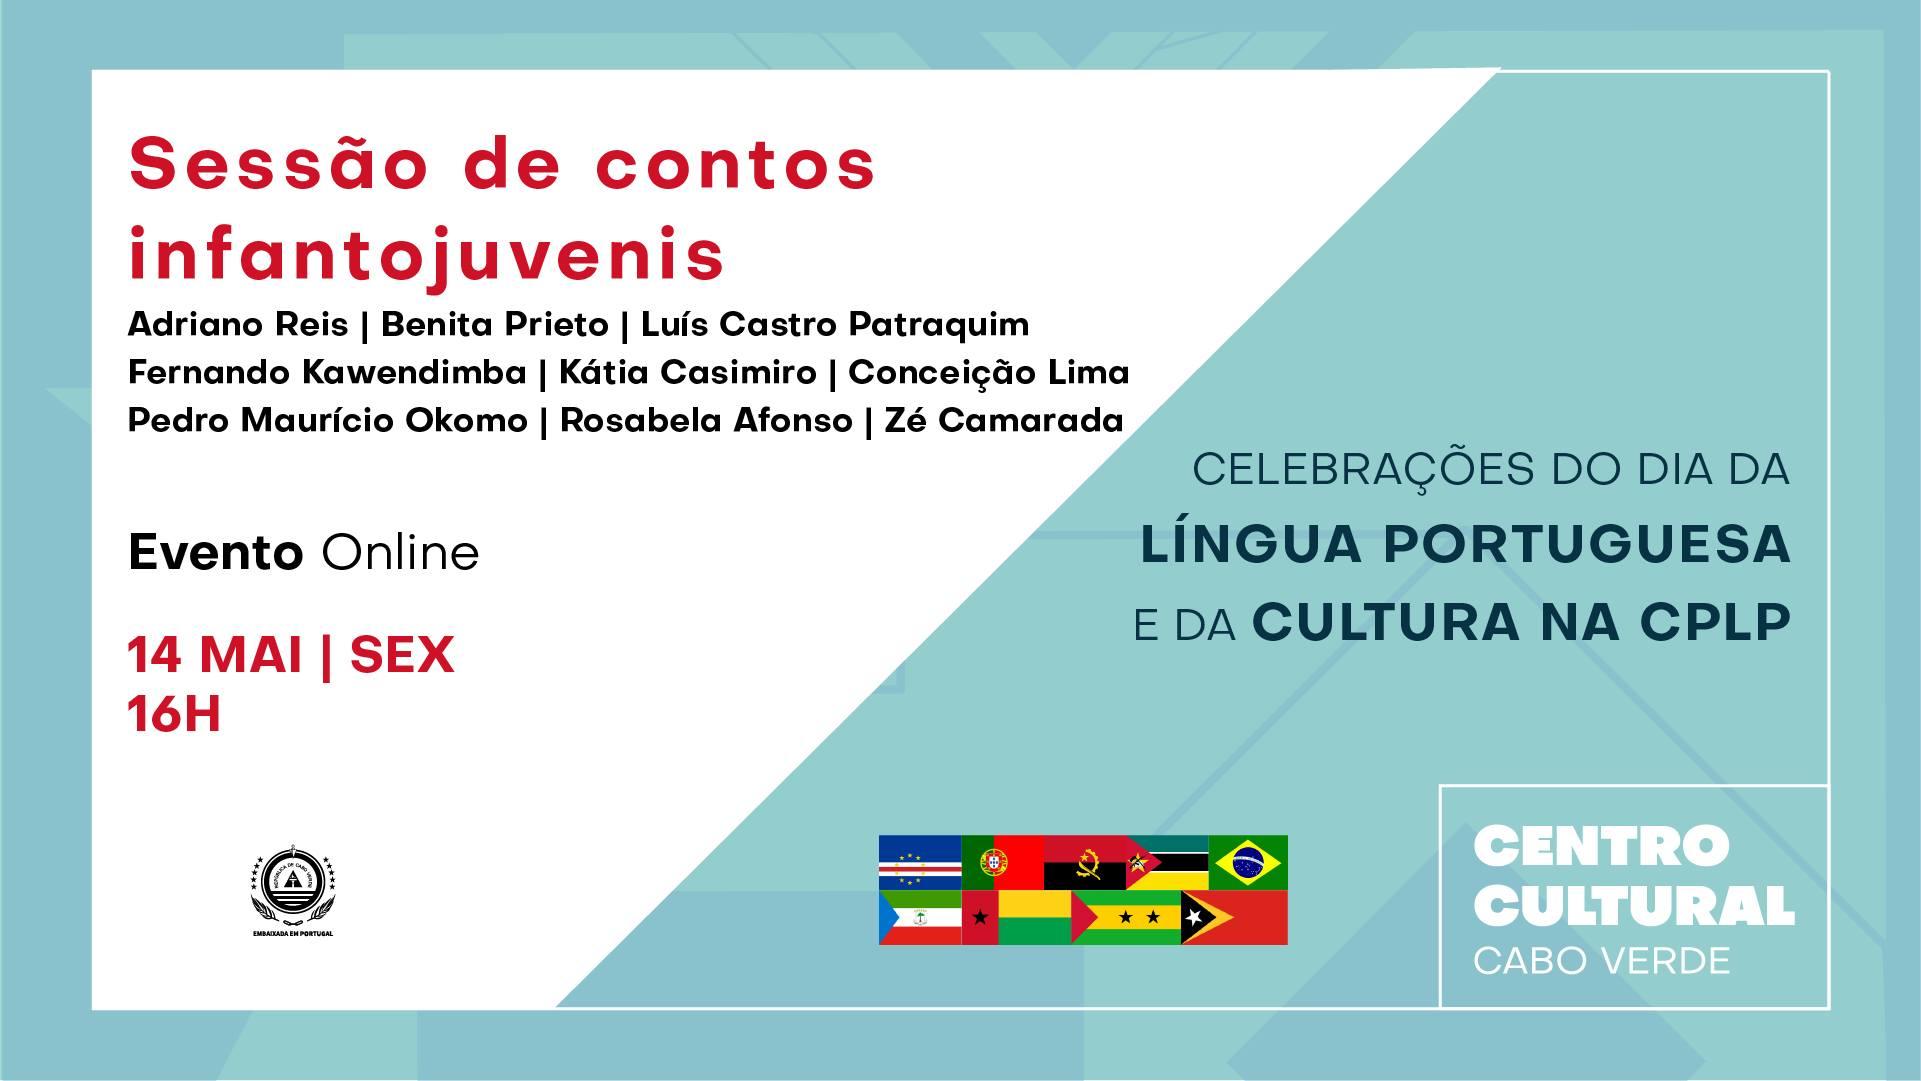 Sessão de contos infantojuvenis   Celebrações do Dia da Língua Portuguesa e da Cultura na CPLP